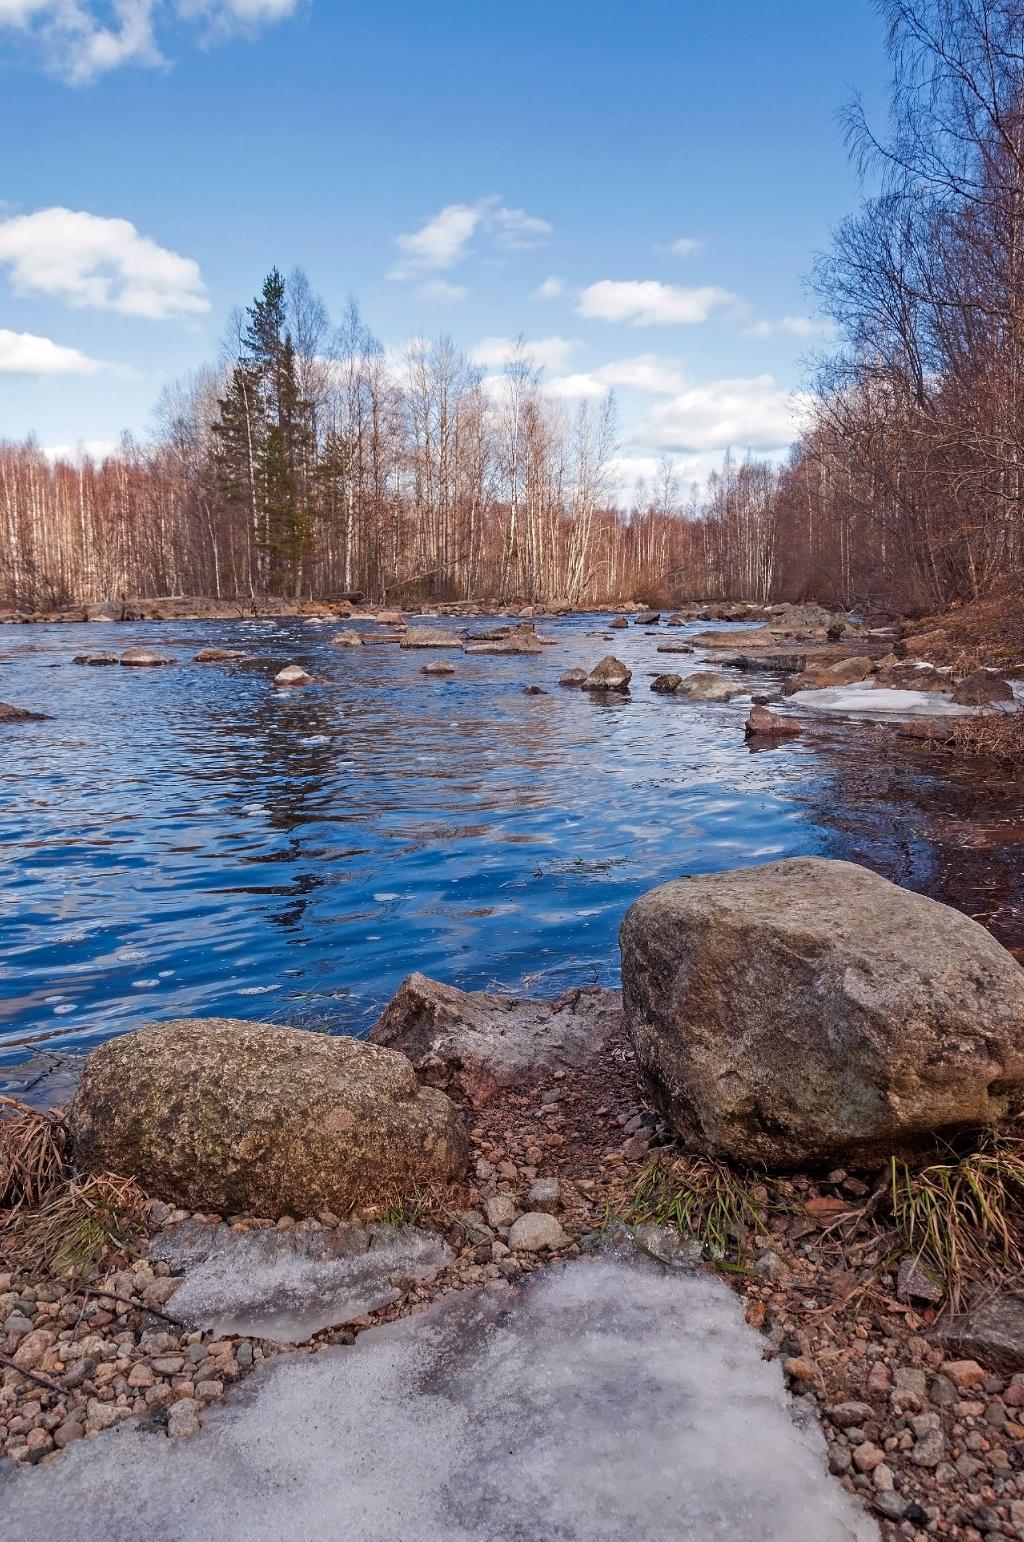 Весенняя река. Блиц: весна идет!